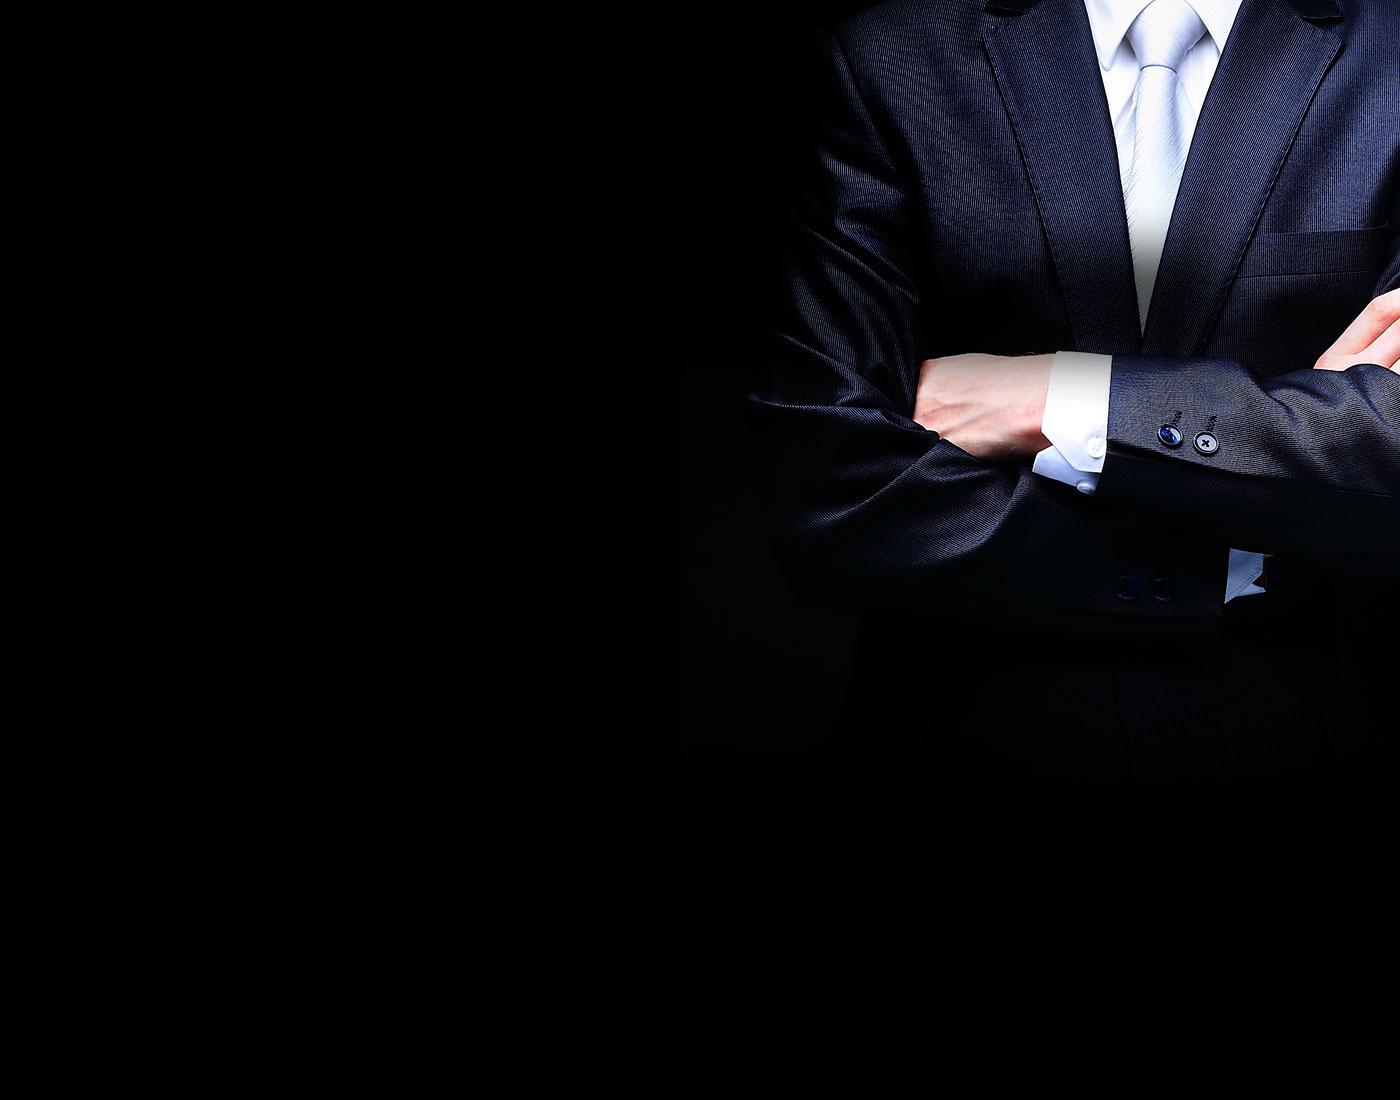 SAP für Human Capital Management: Ich liefere effiziente Lösungen und messbare Resultate.